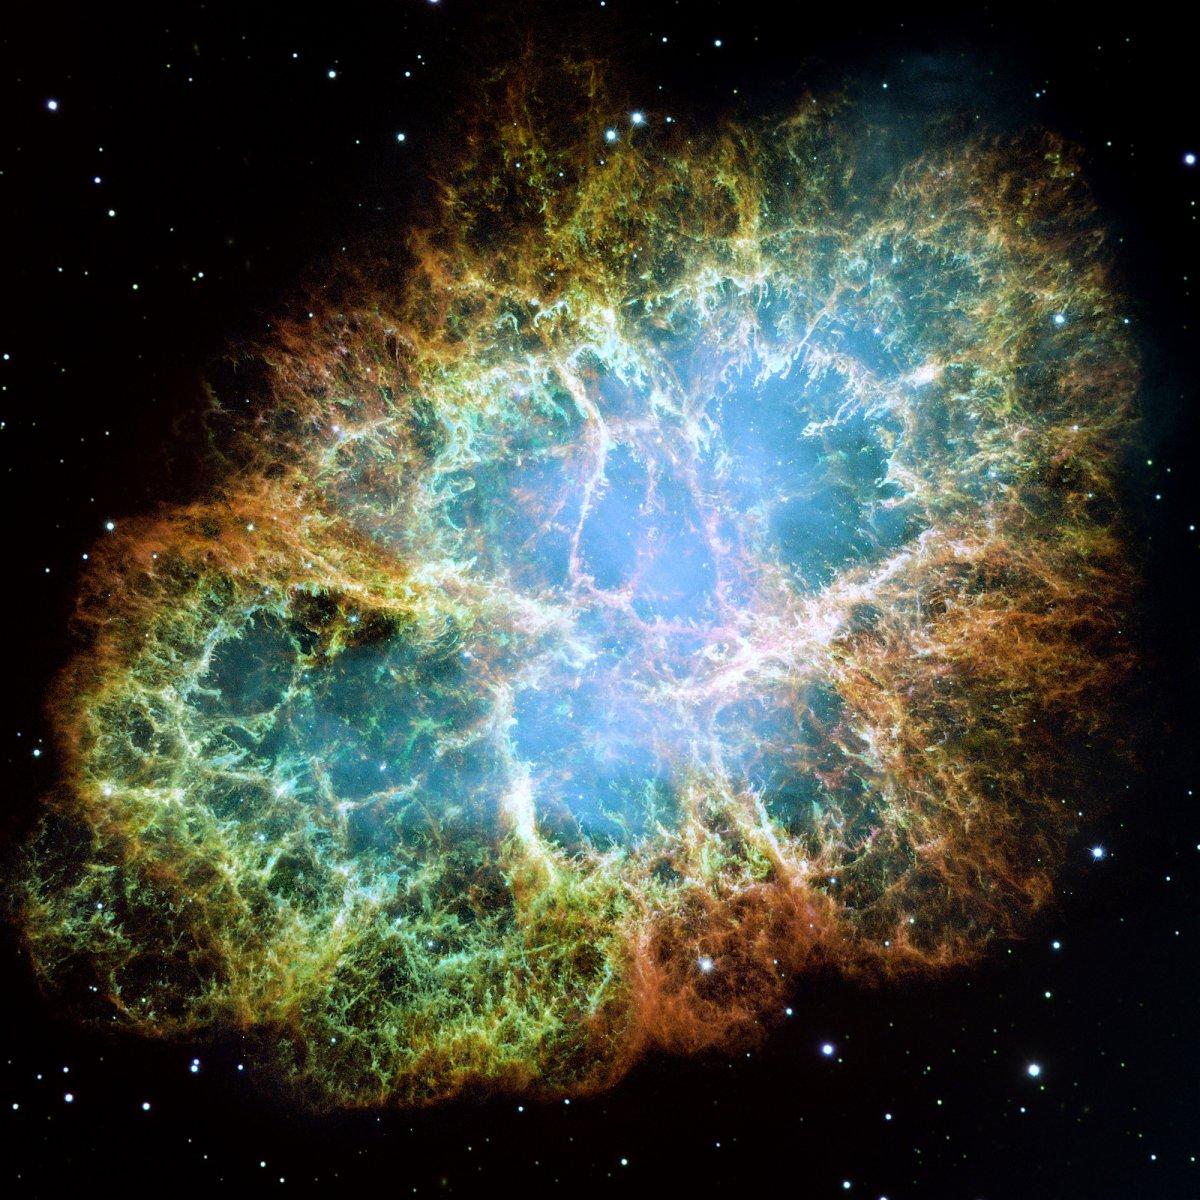 27 fotos deslumbrantes do nosso universo 16